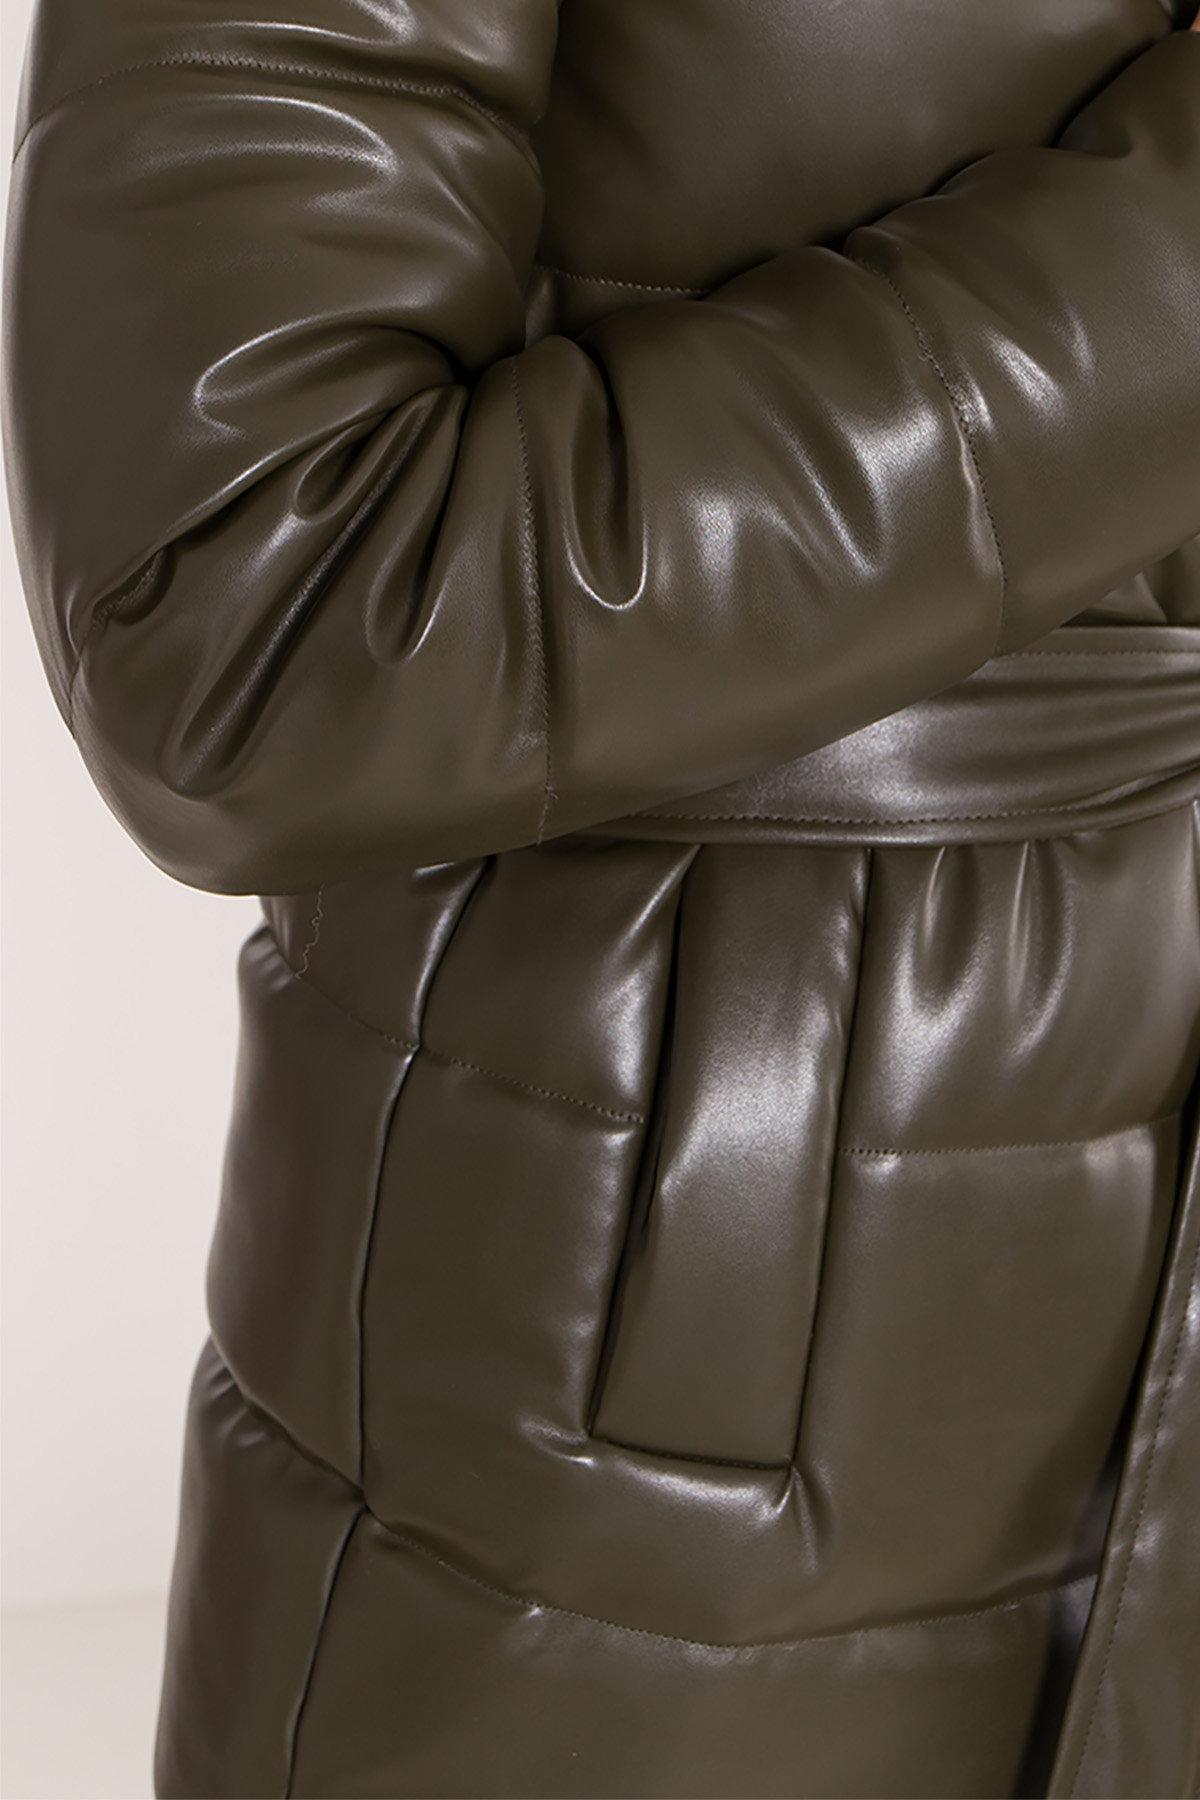 Удлиненный зимний пуховик из экокожи Сигма 8620 АРТ. 44968 Цвет: Хаки - фото 18, интернет магазин tm-modus.ru